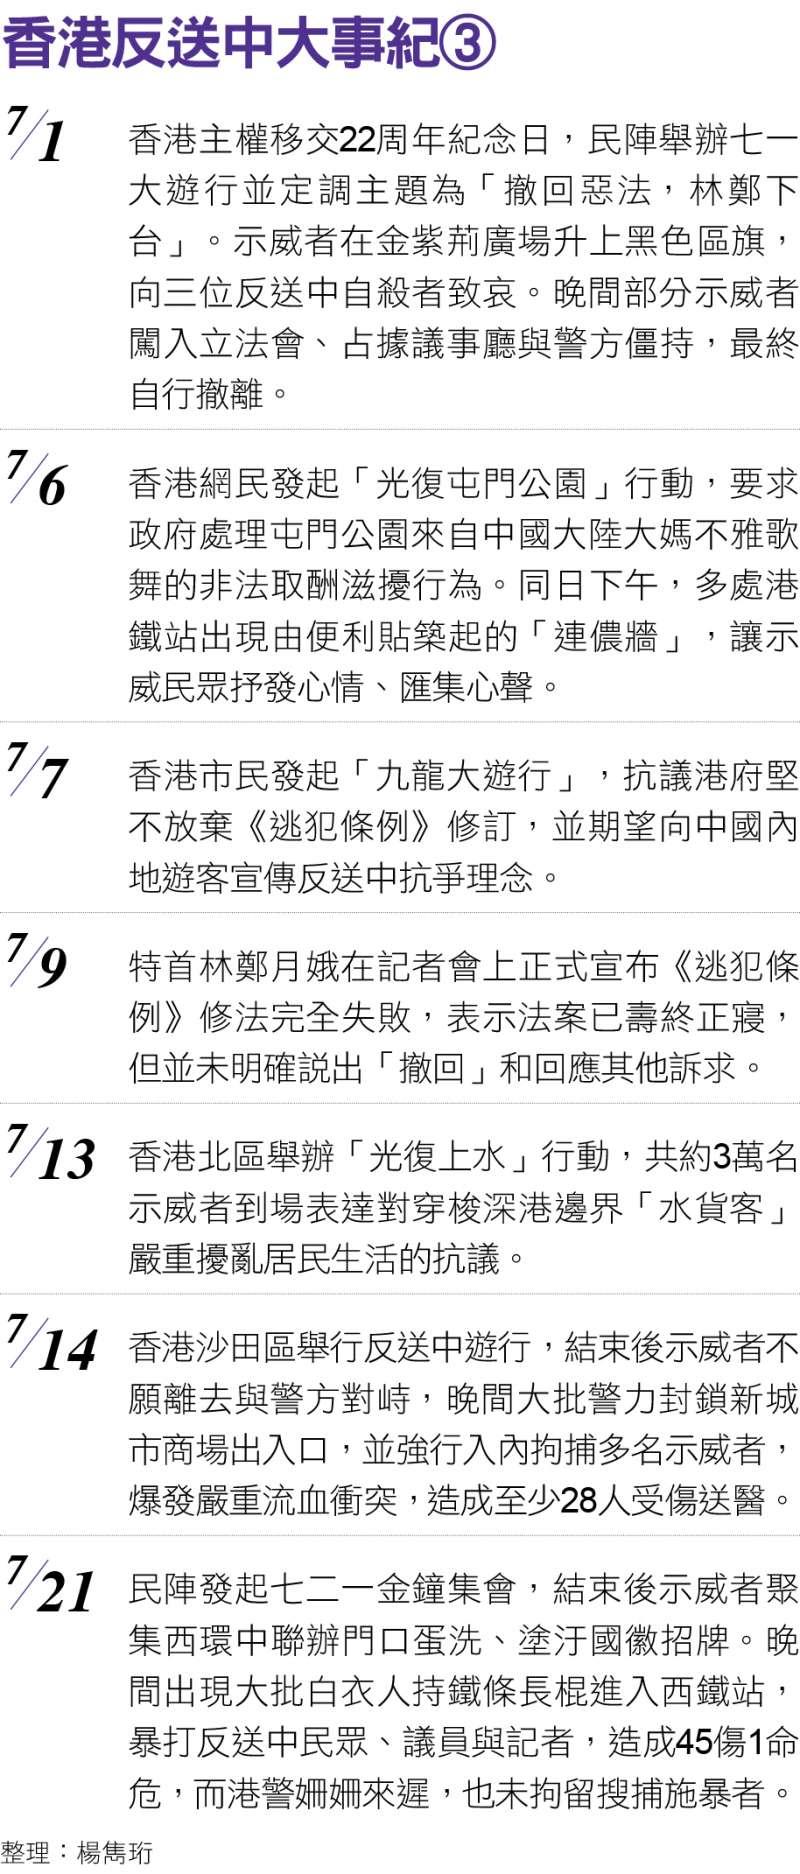 香港反送中大事紀03